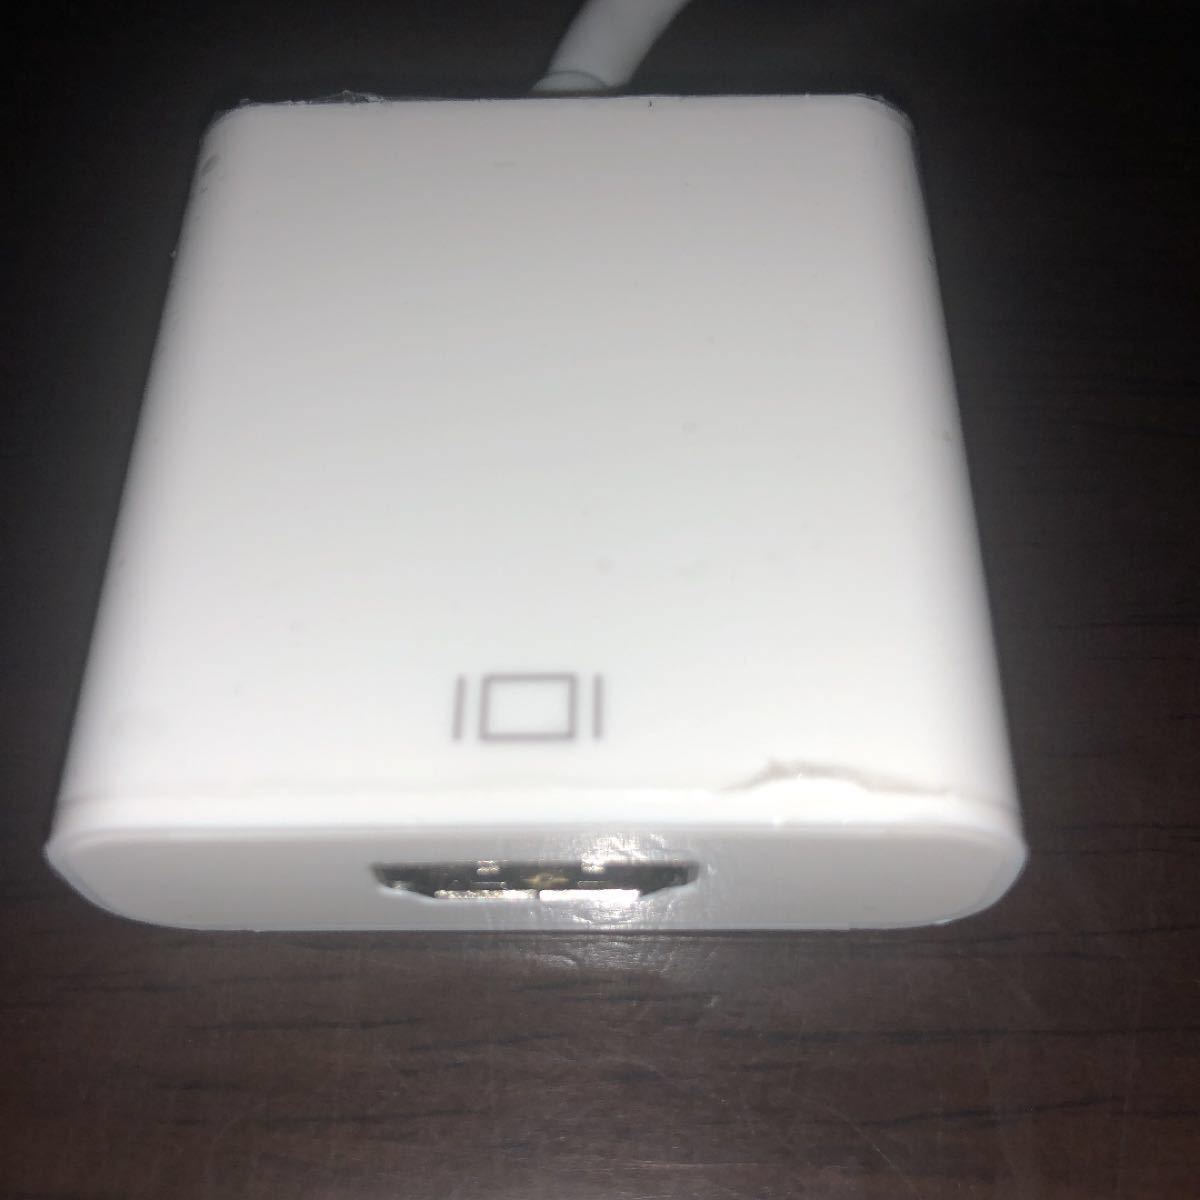 ミニDisplayPort → HDMI変換ケーブル AD-mDPMHF